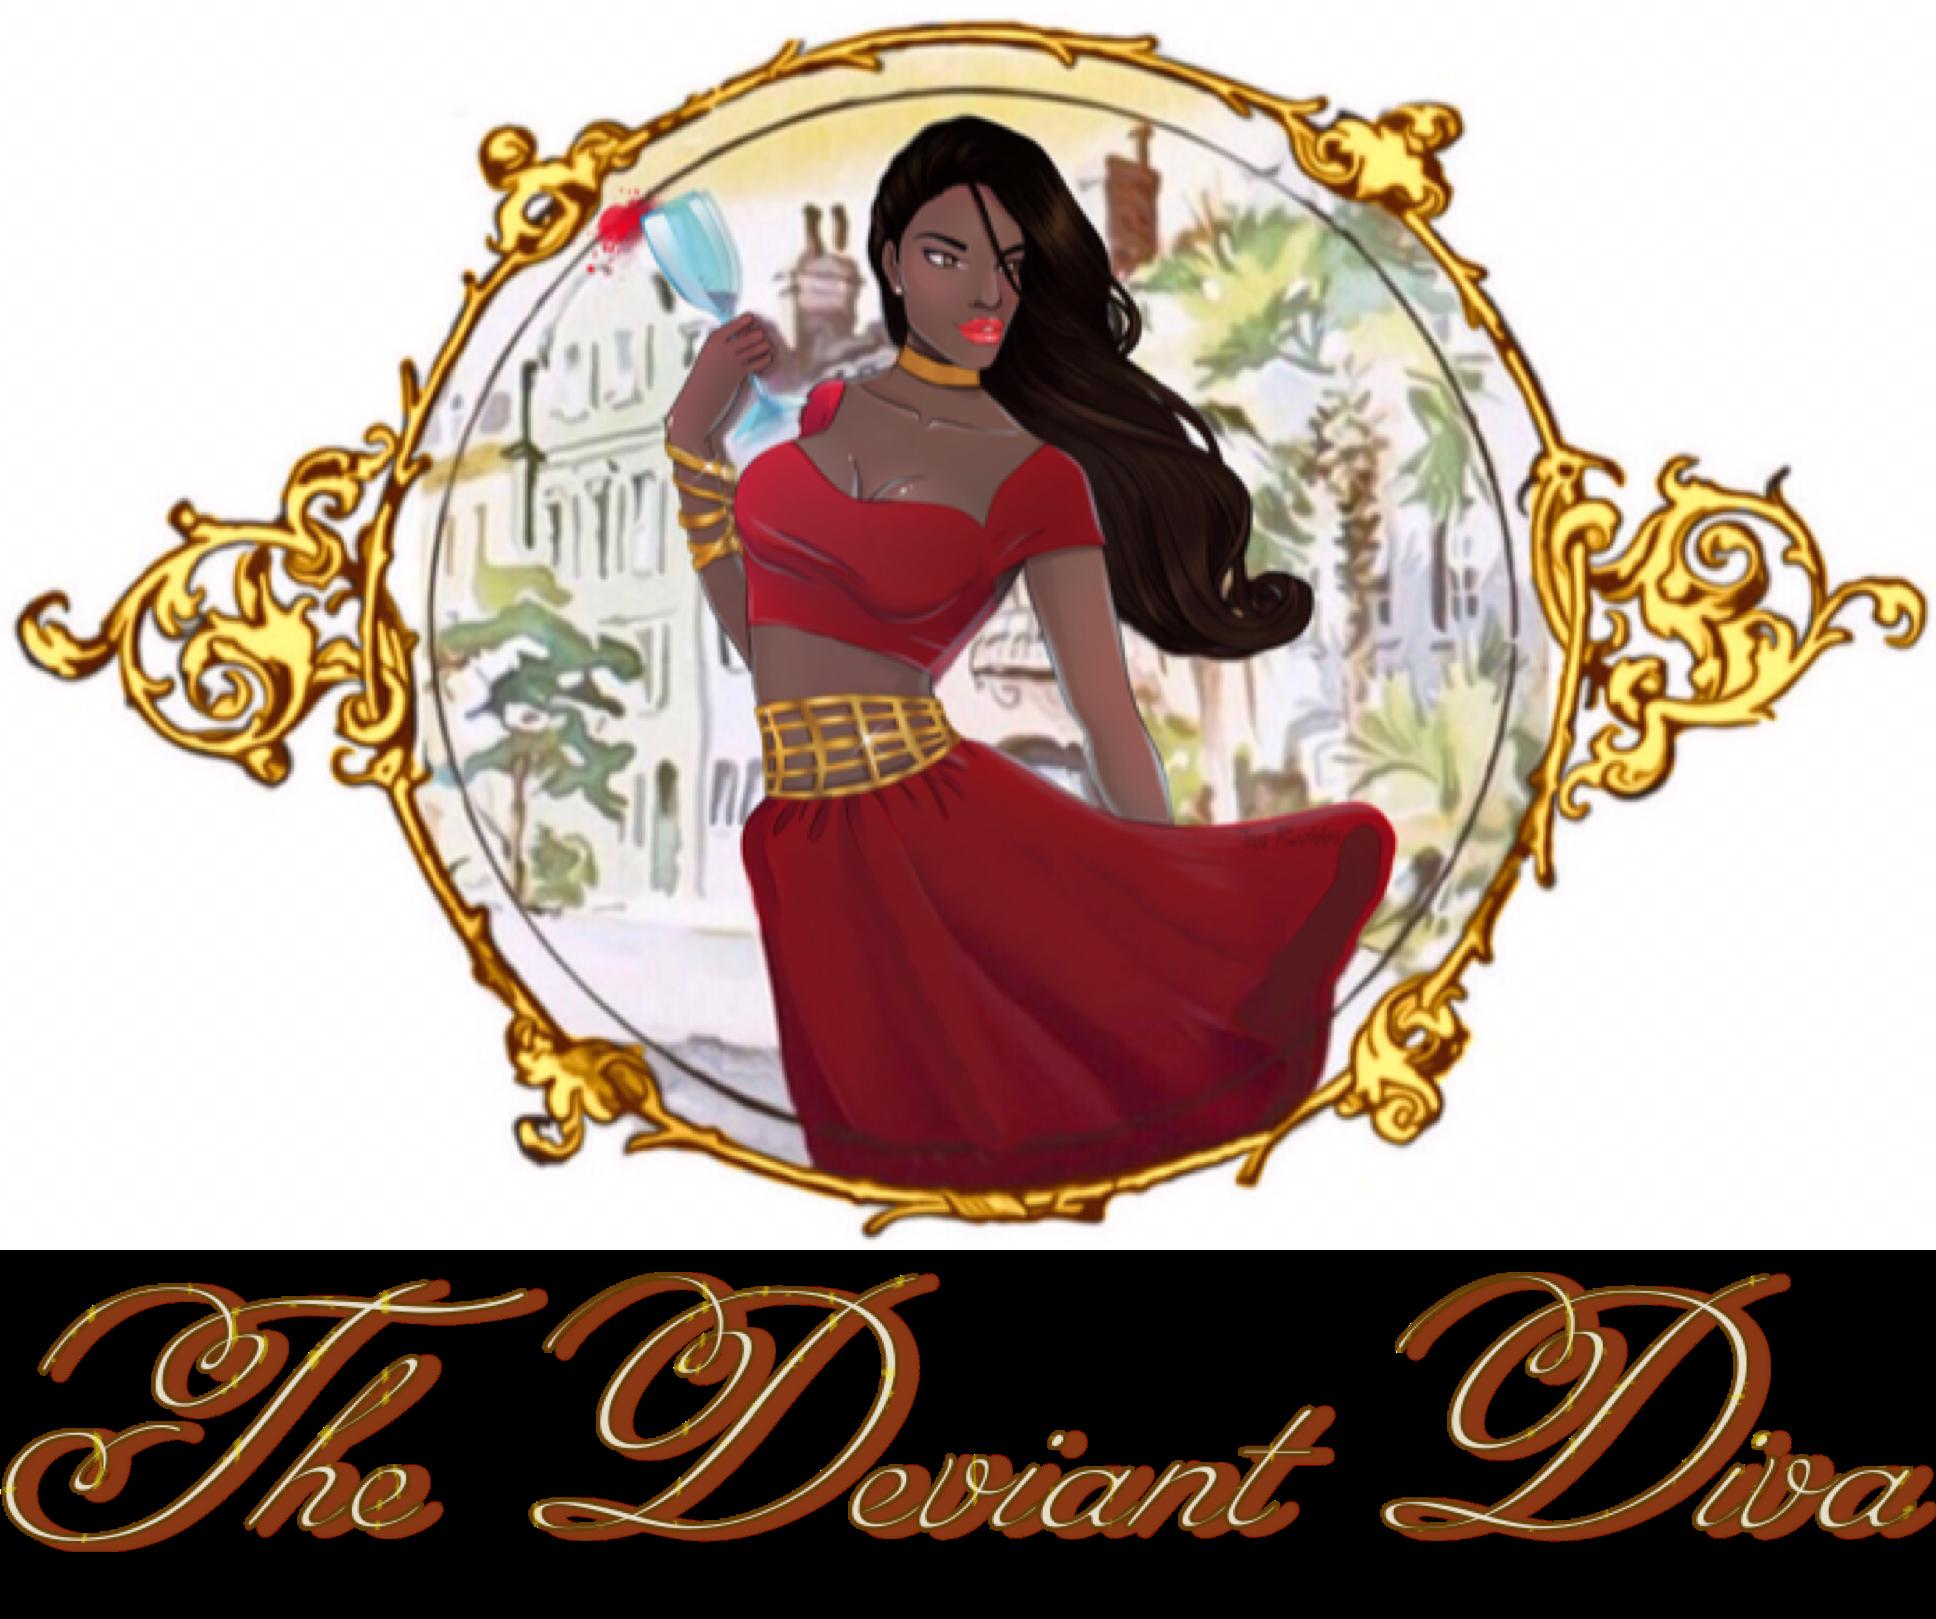 The Deviant Diva